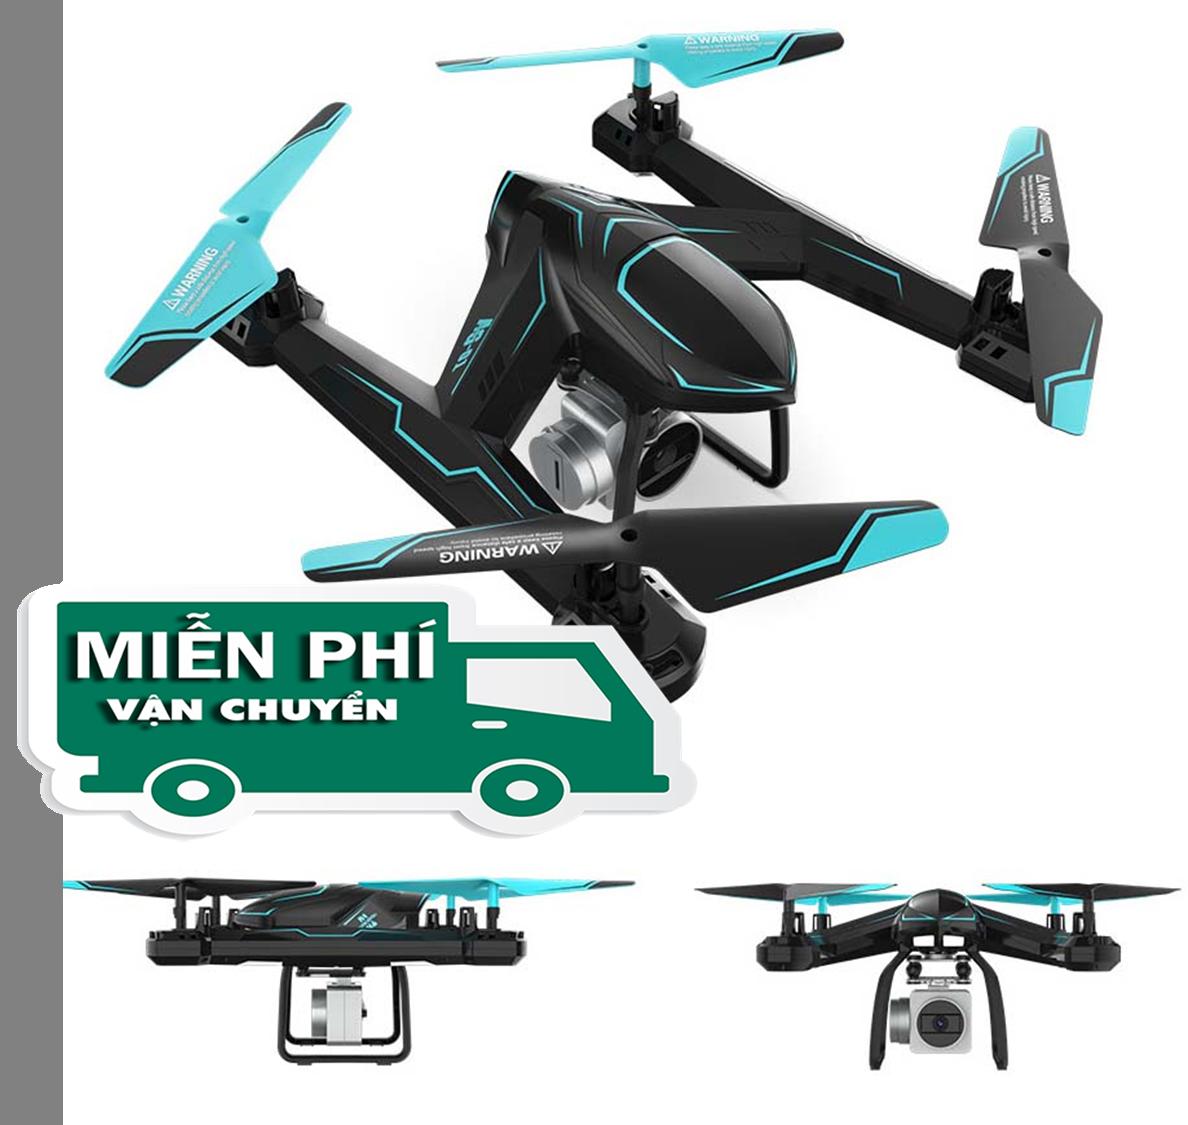 Miễn phí vận chuyển-Mua Flycam Giá Rẻ, Flycam Full Hd, Máy Bay Điều Khiển Từ Xa XT-1. Máy Bay Điều Khiển Từ Xa Xt-1 Kết Nối Wifi Quay Phim Chụp ảnh Full Hd 720P Cao Cấp,Bảo Hành Uy Tín Tại LPS